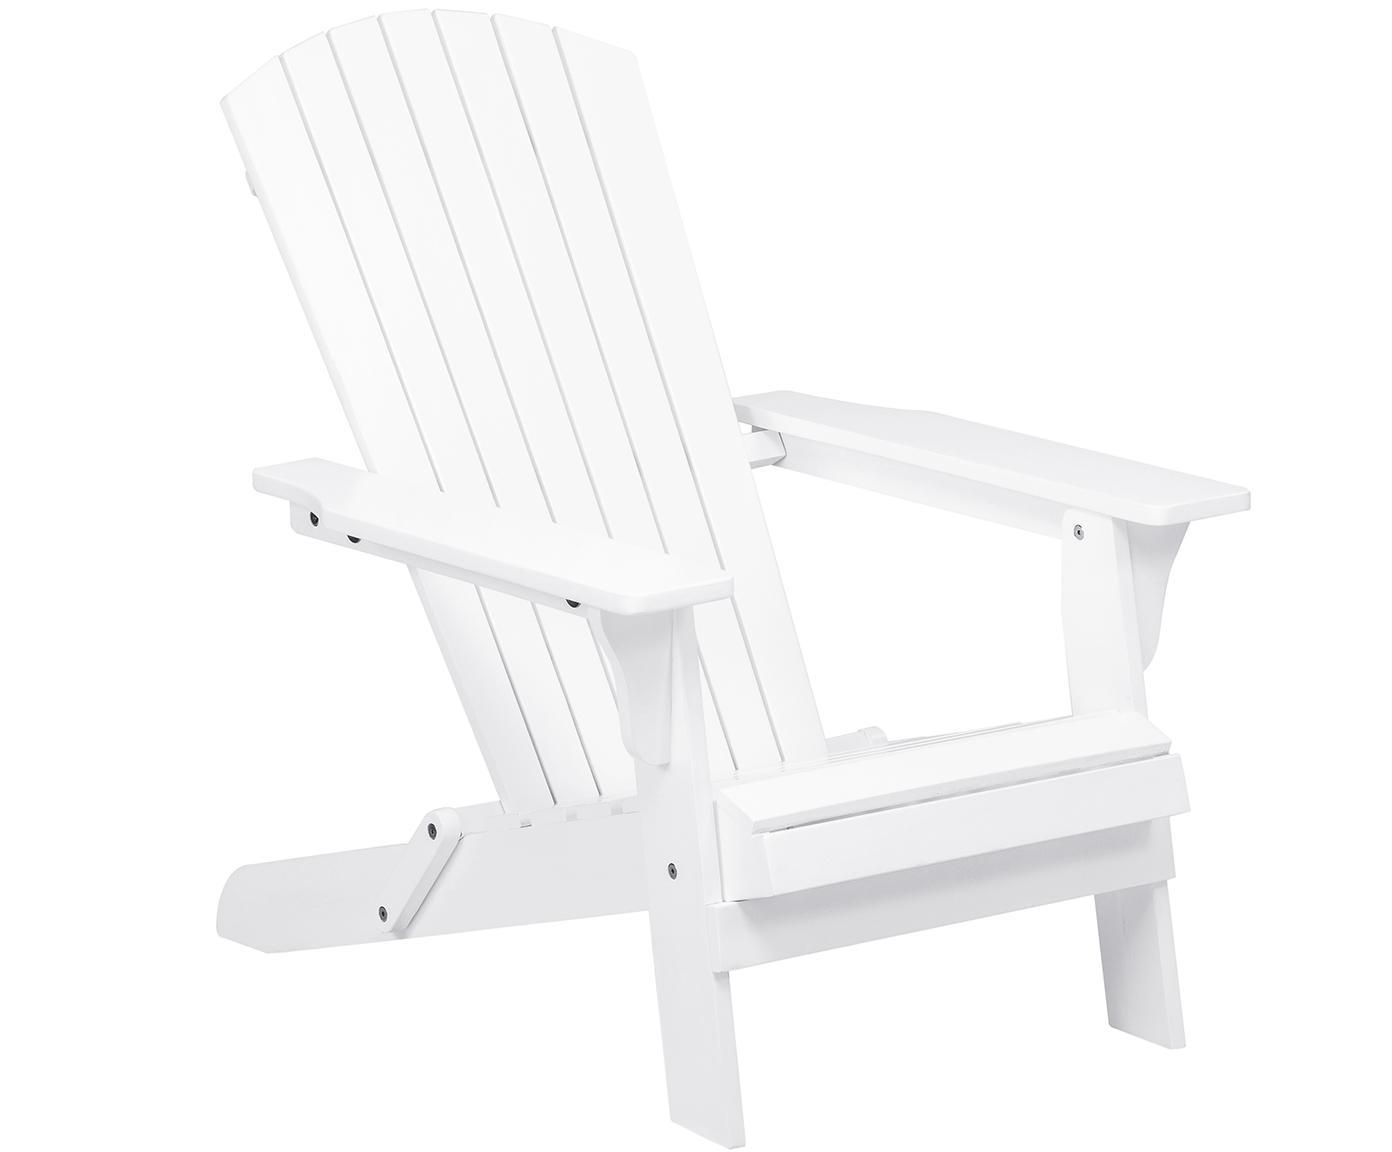 Garten-Loungestuhl Charlie aus Akazienholz in Weiß, Akazienholz, lackiert, Weiß, B 93 x T 74 cm